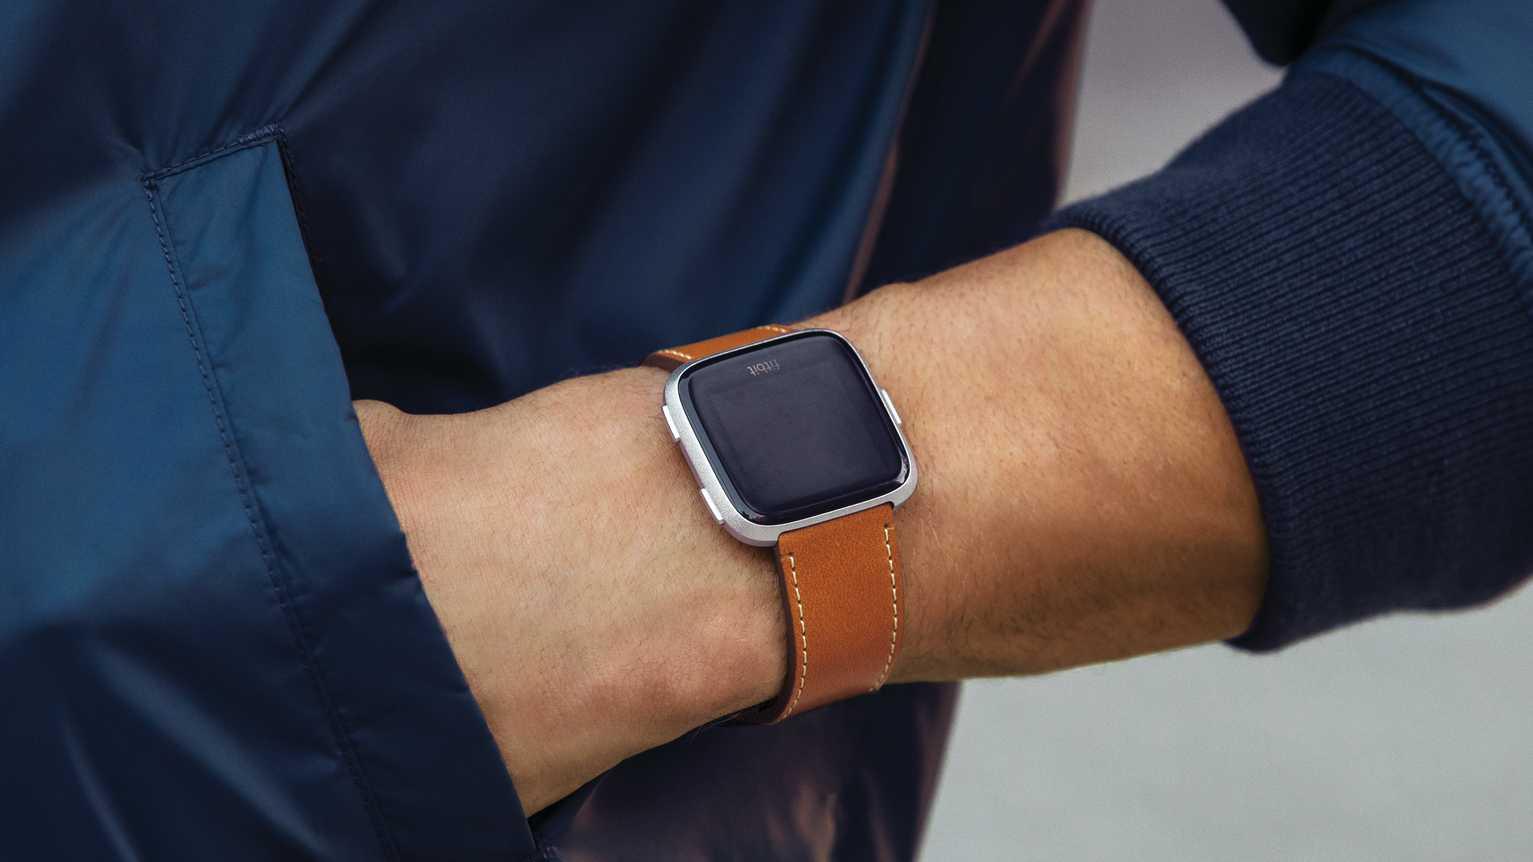 Fitbit: Sinkender Umsatz trotz Smartwatches